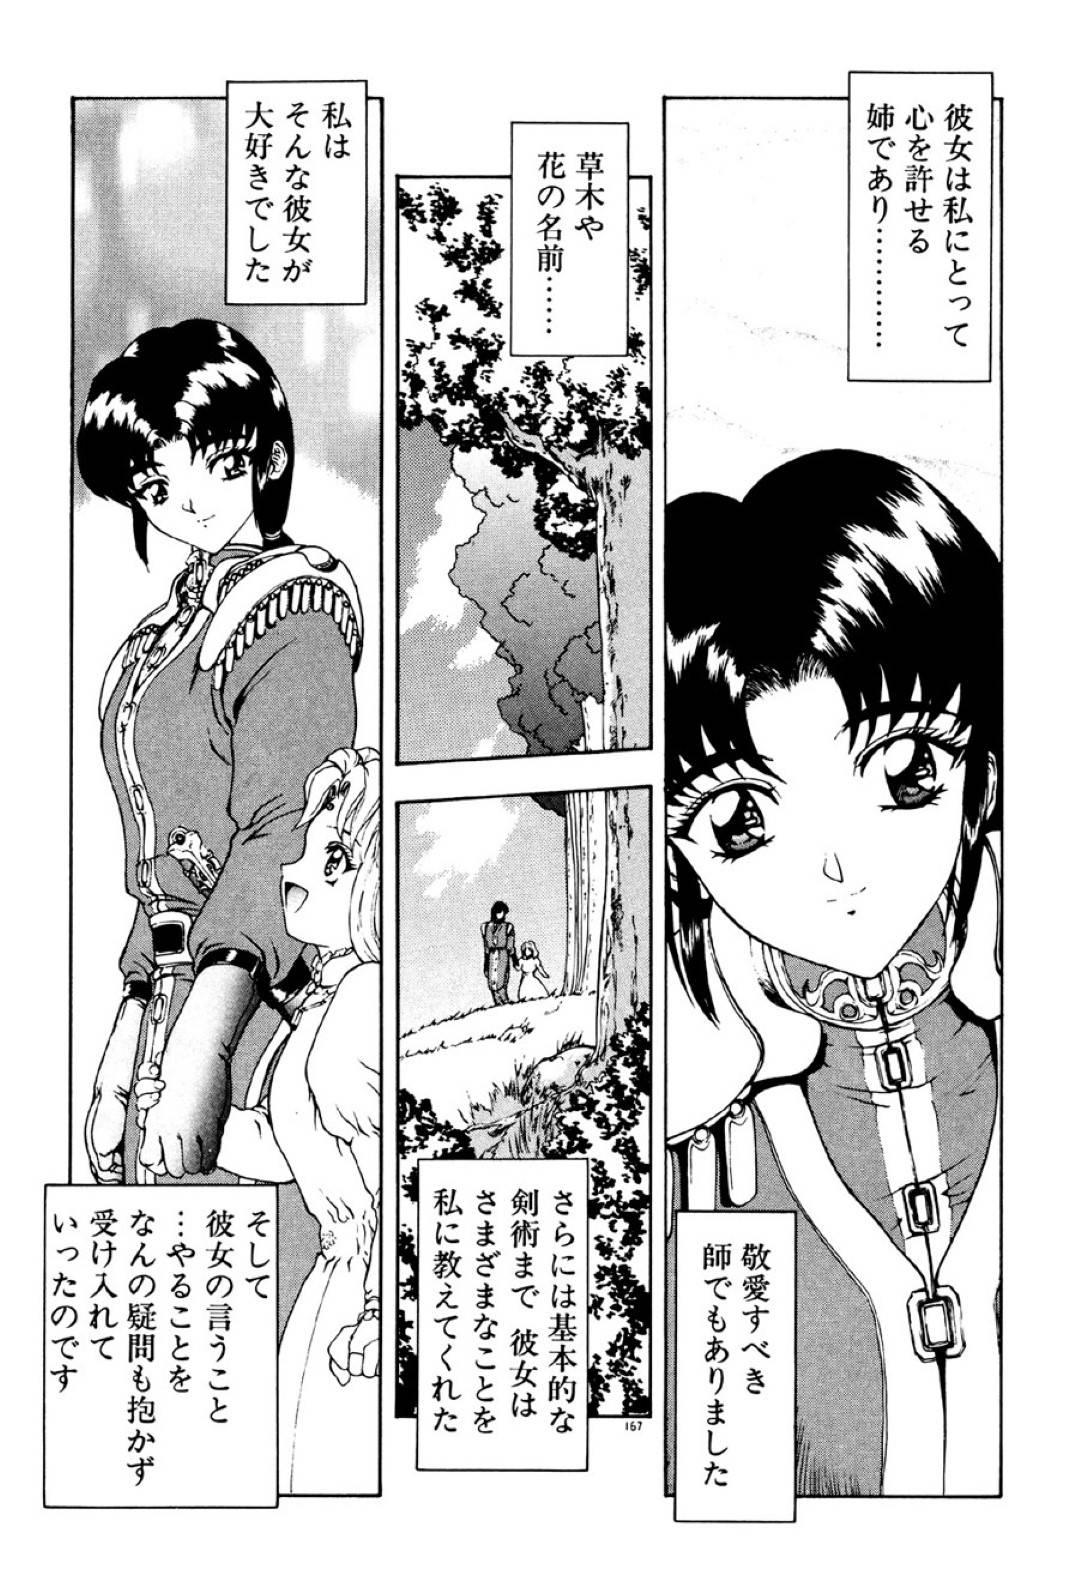 【エロ漫画】10数年前、妹は優しかった姉が牢人衆たちの欲望のまま輪姦され続けている姿にトラウマを抱き、今に至ると回想するのであった